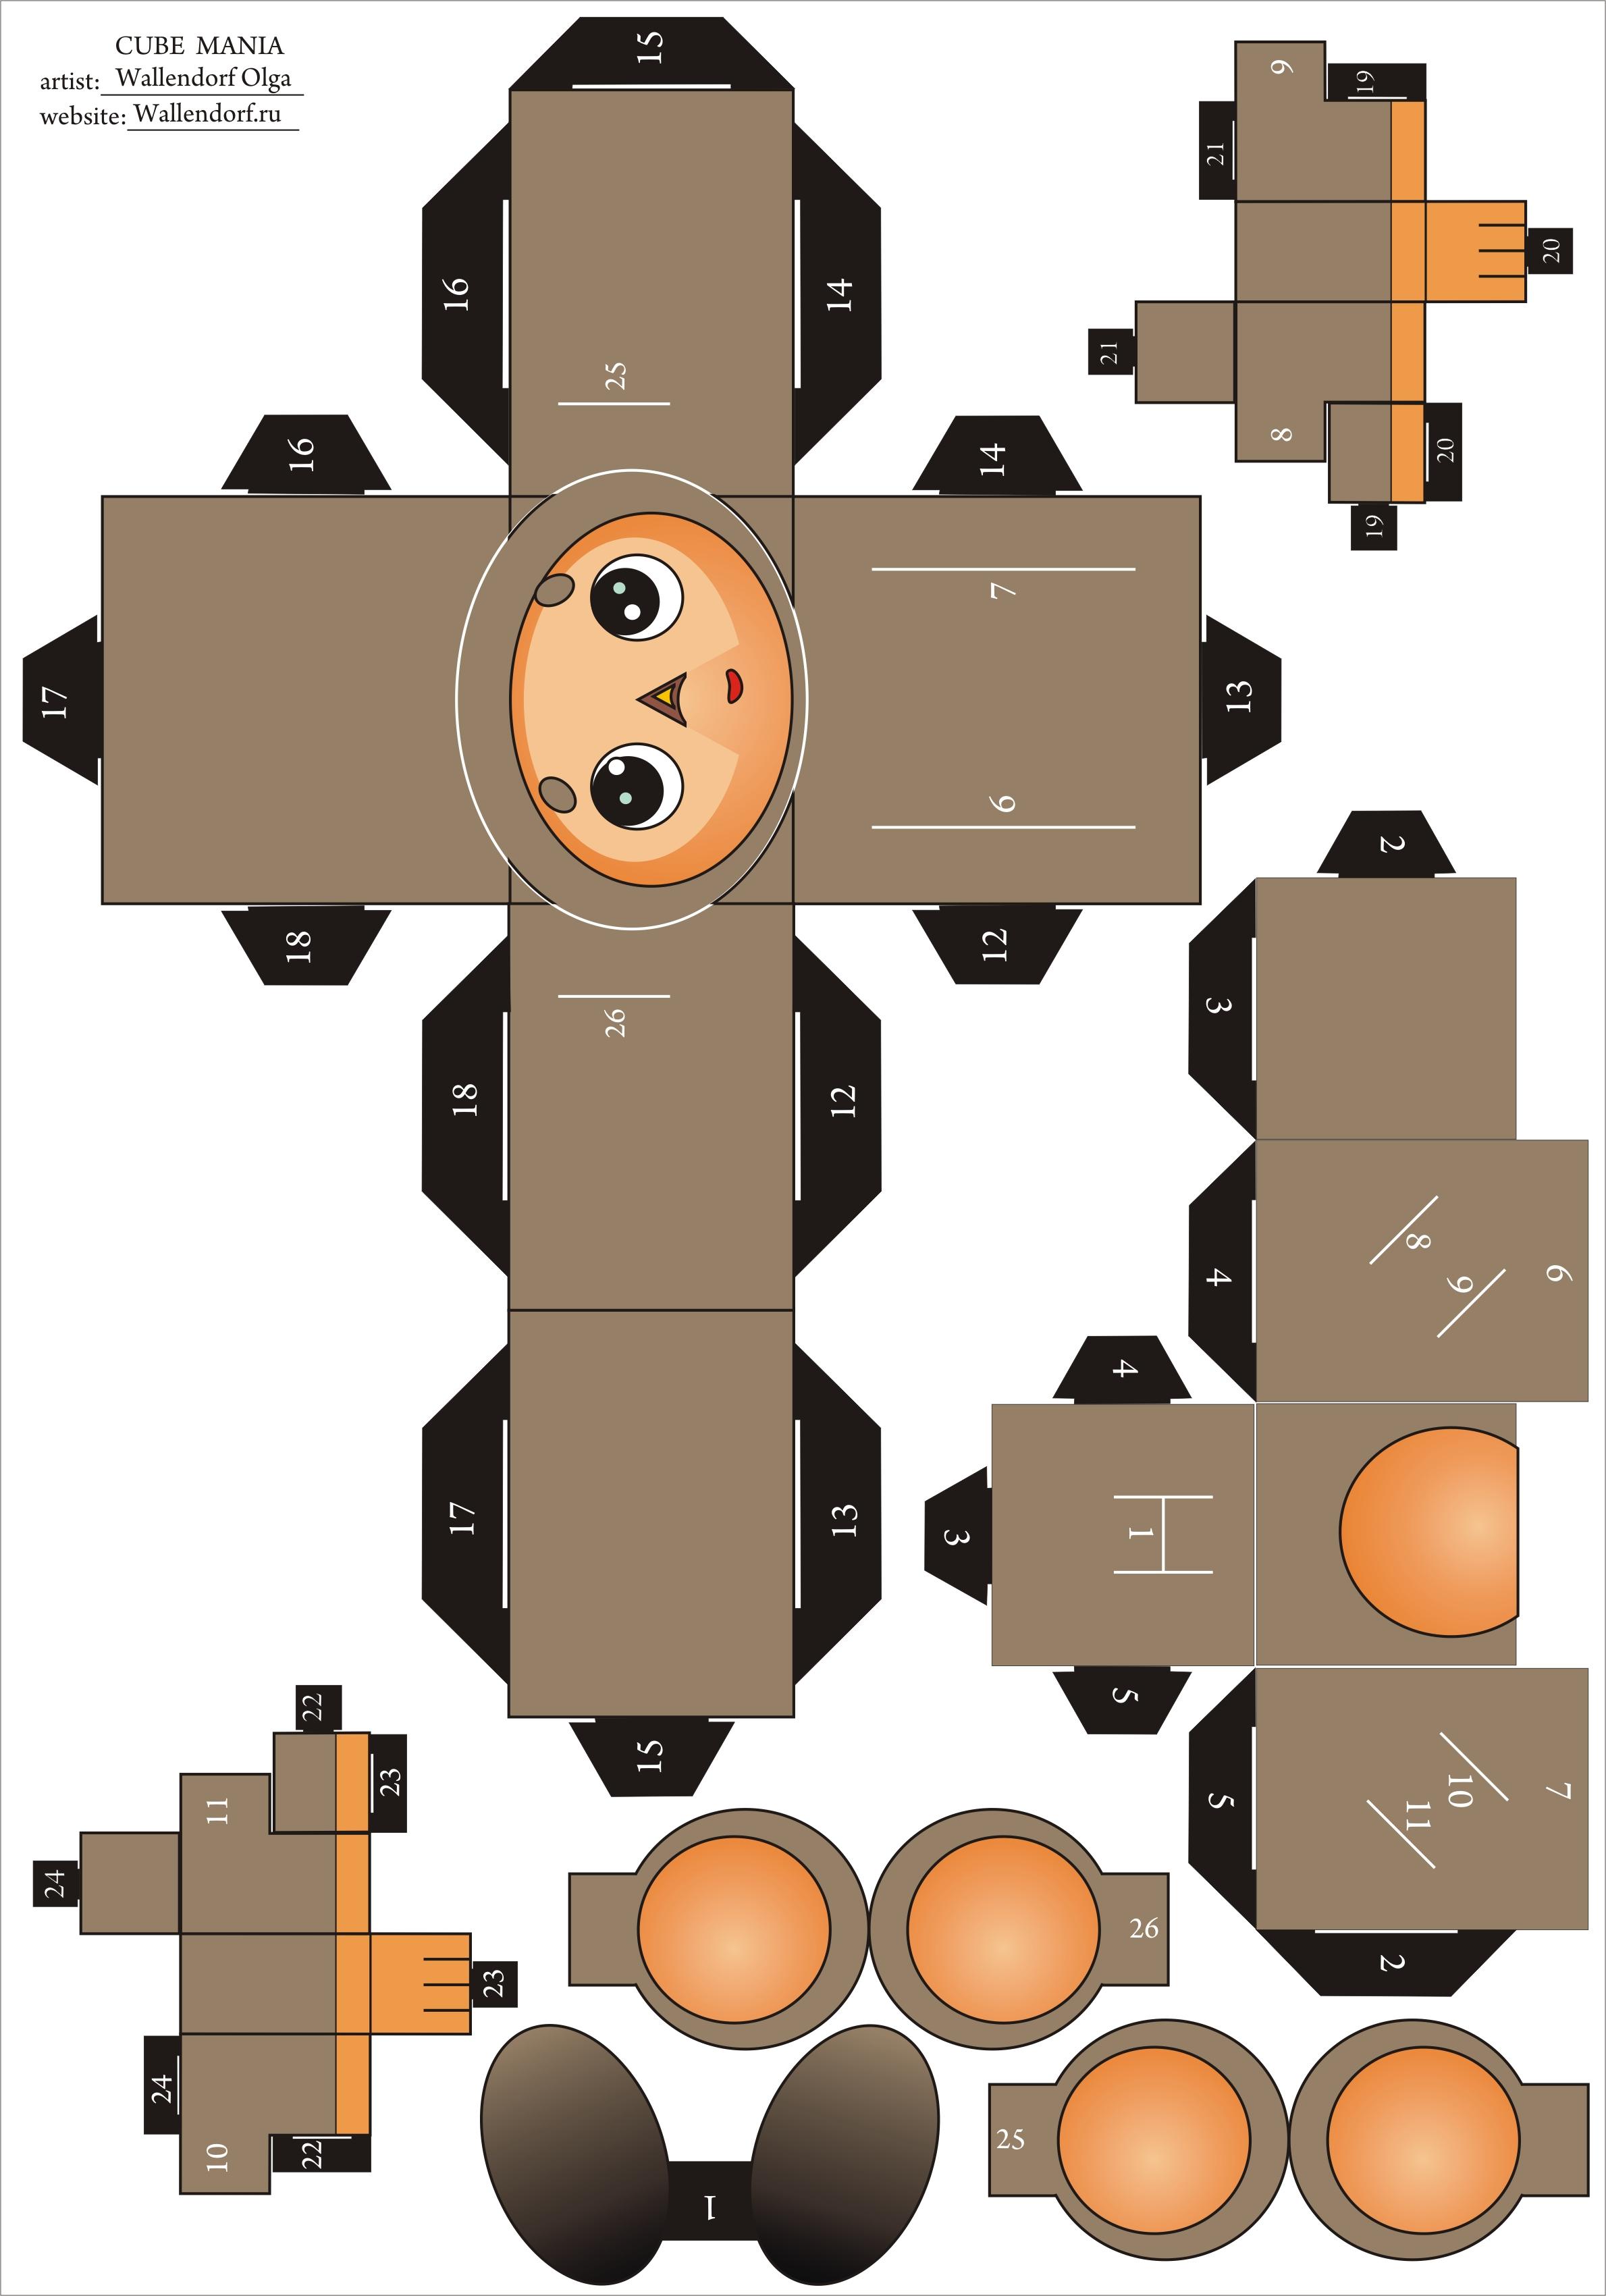 Поделка из картона чебурашка